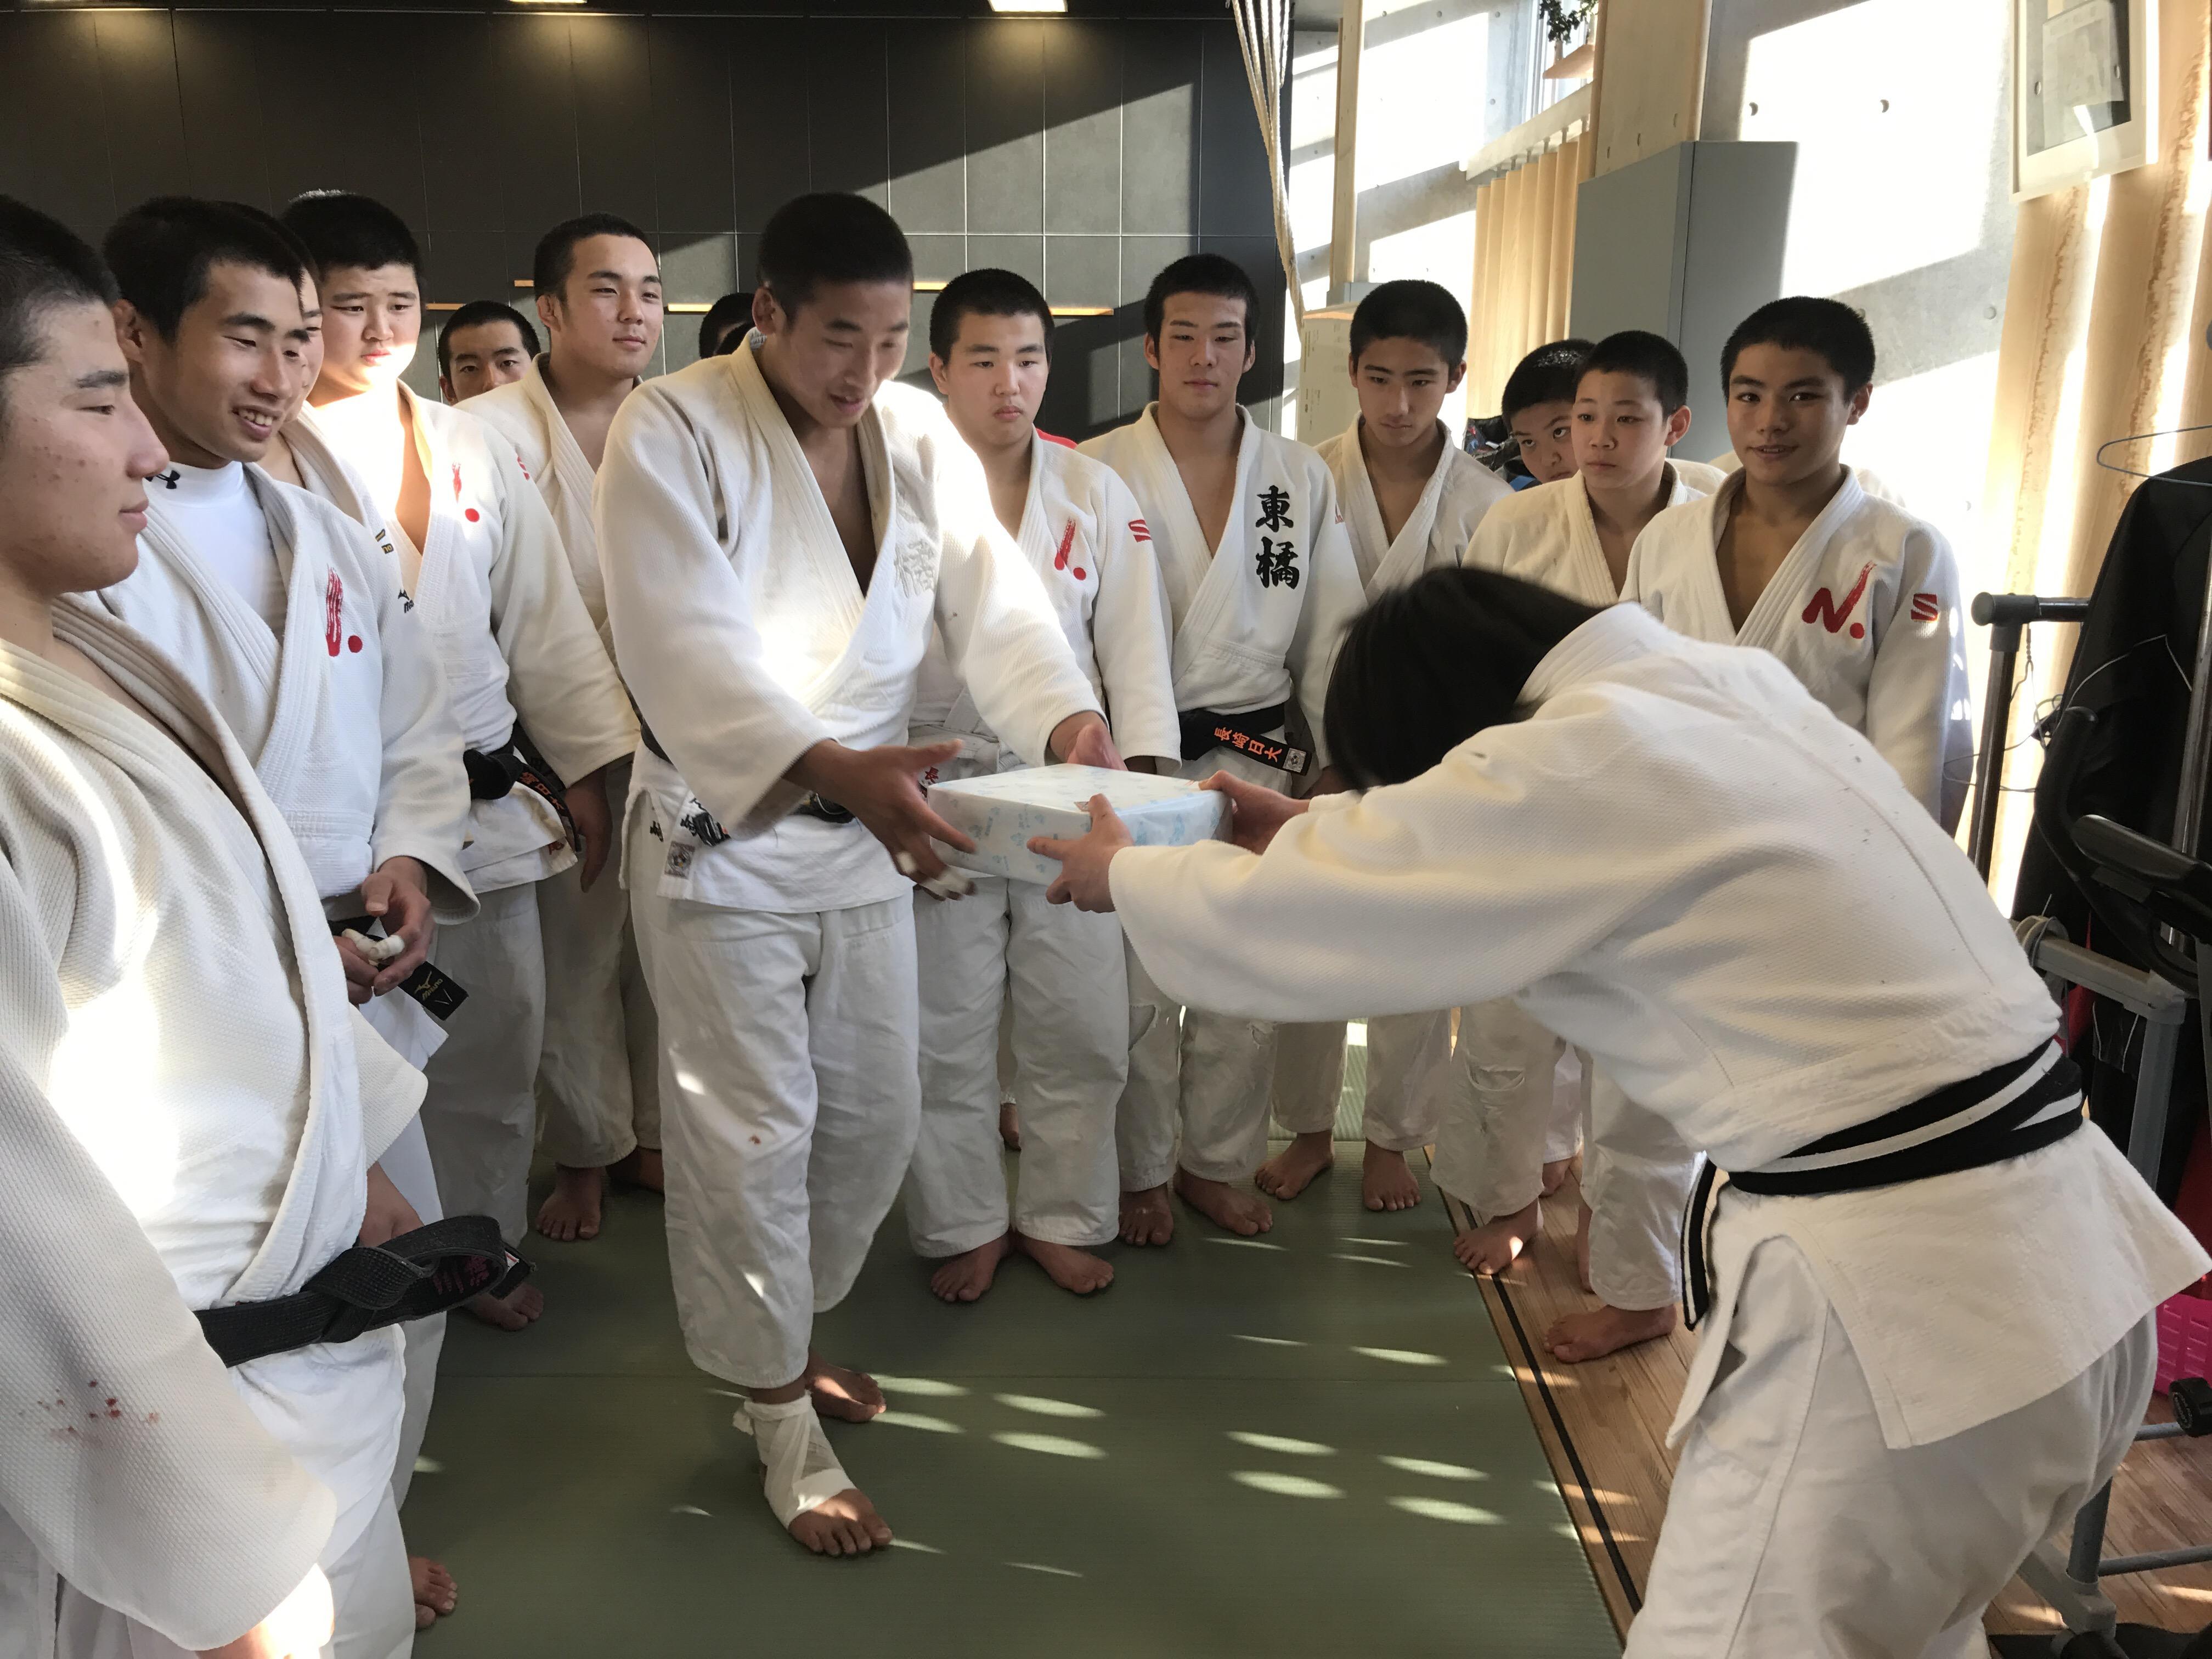 長崎 日 大 柔道